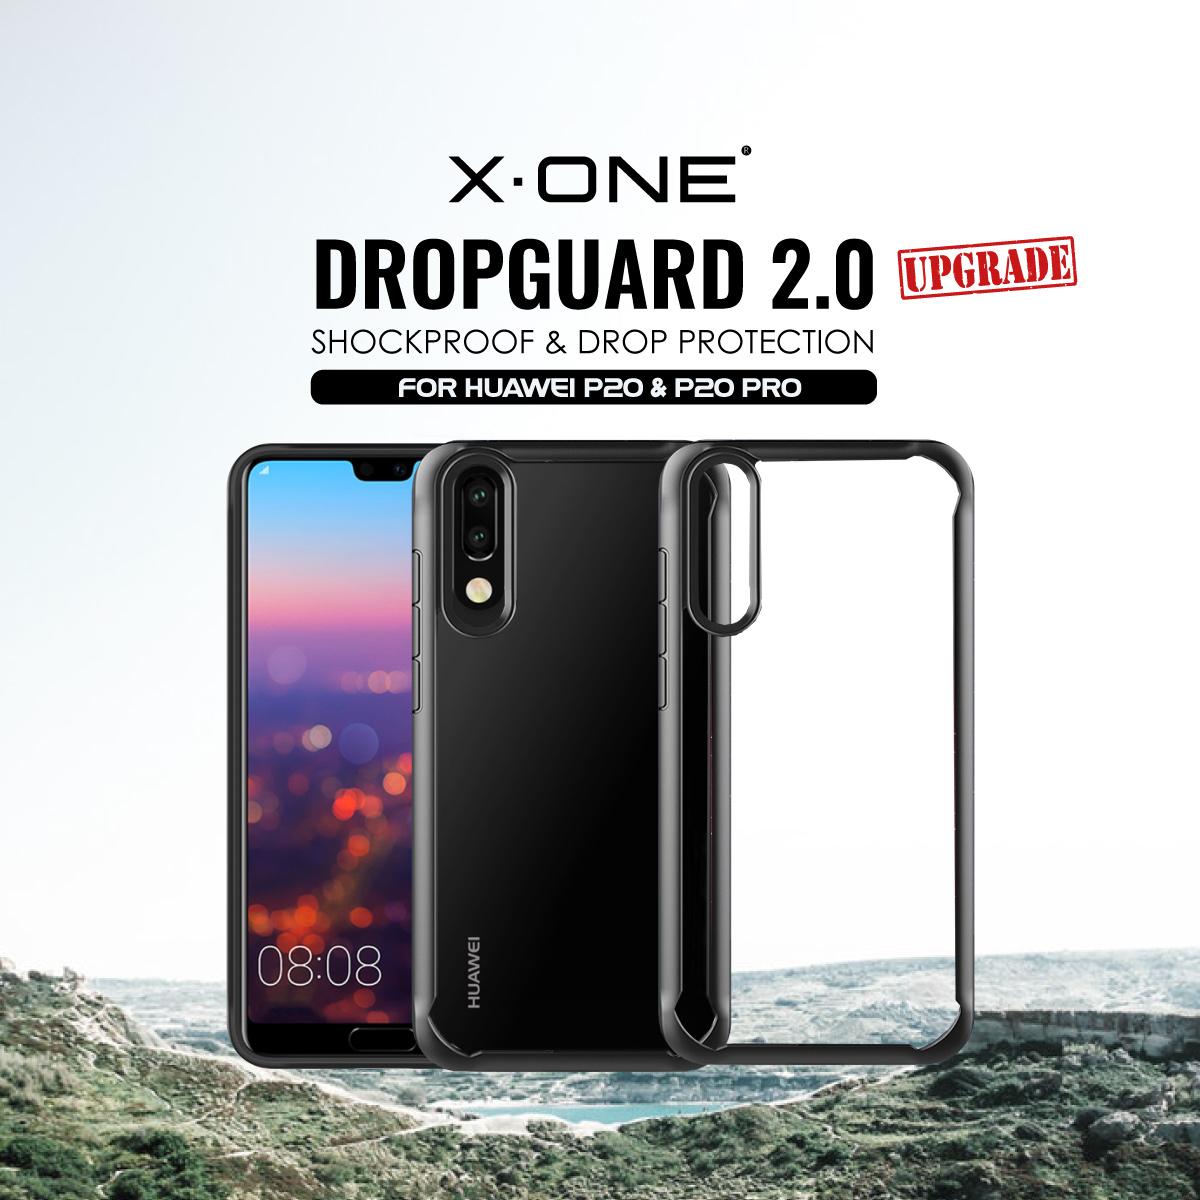 Huawei P20 Pro X-One Drop Guard Case (2nd Gen)